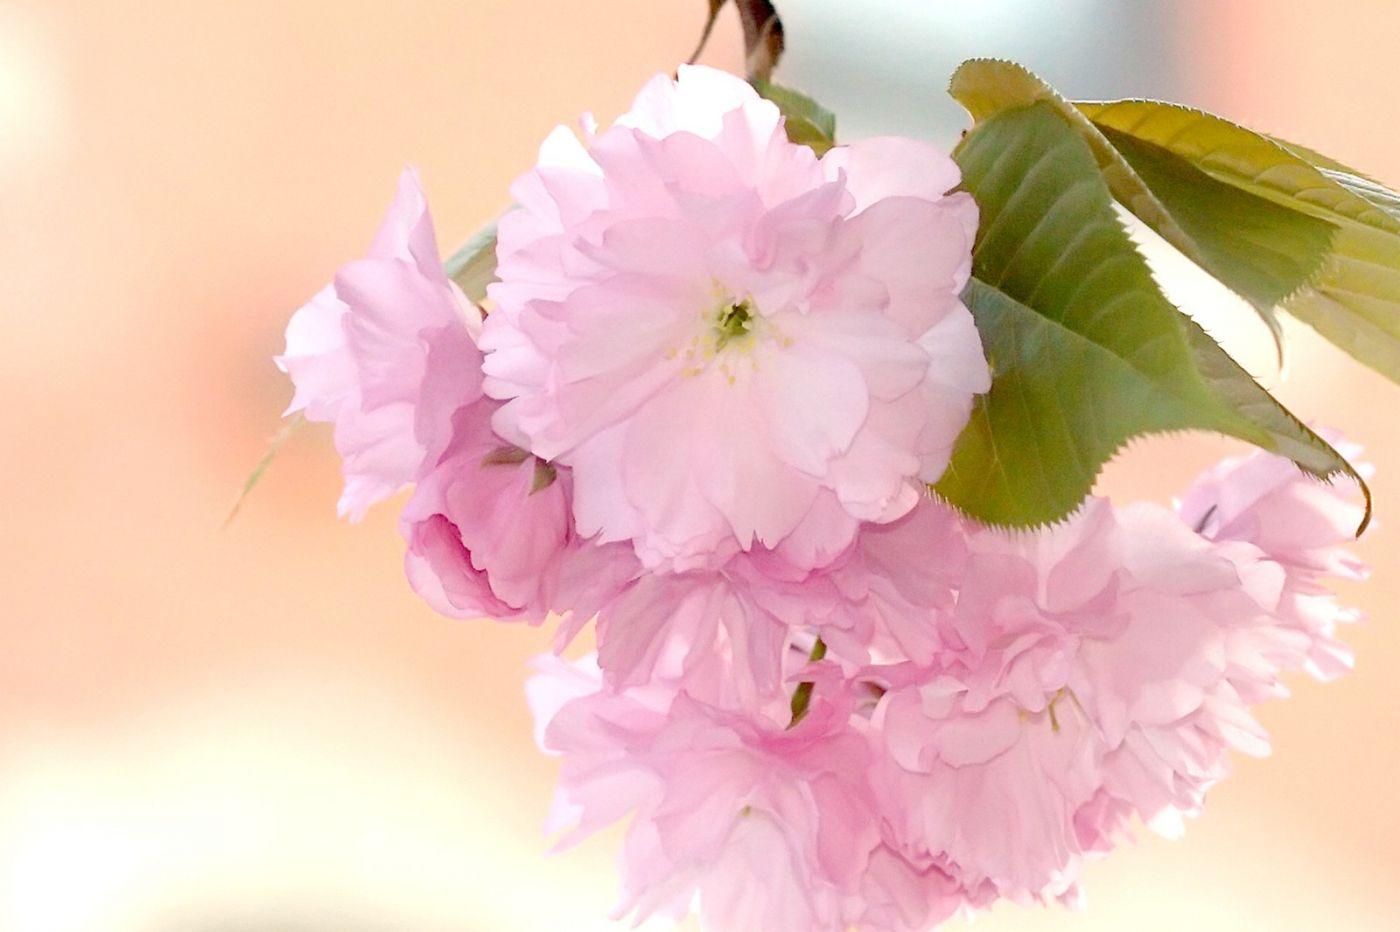 粉红的水嫩的,好看极了_图1-40